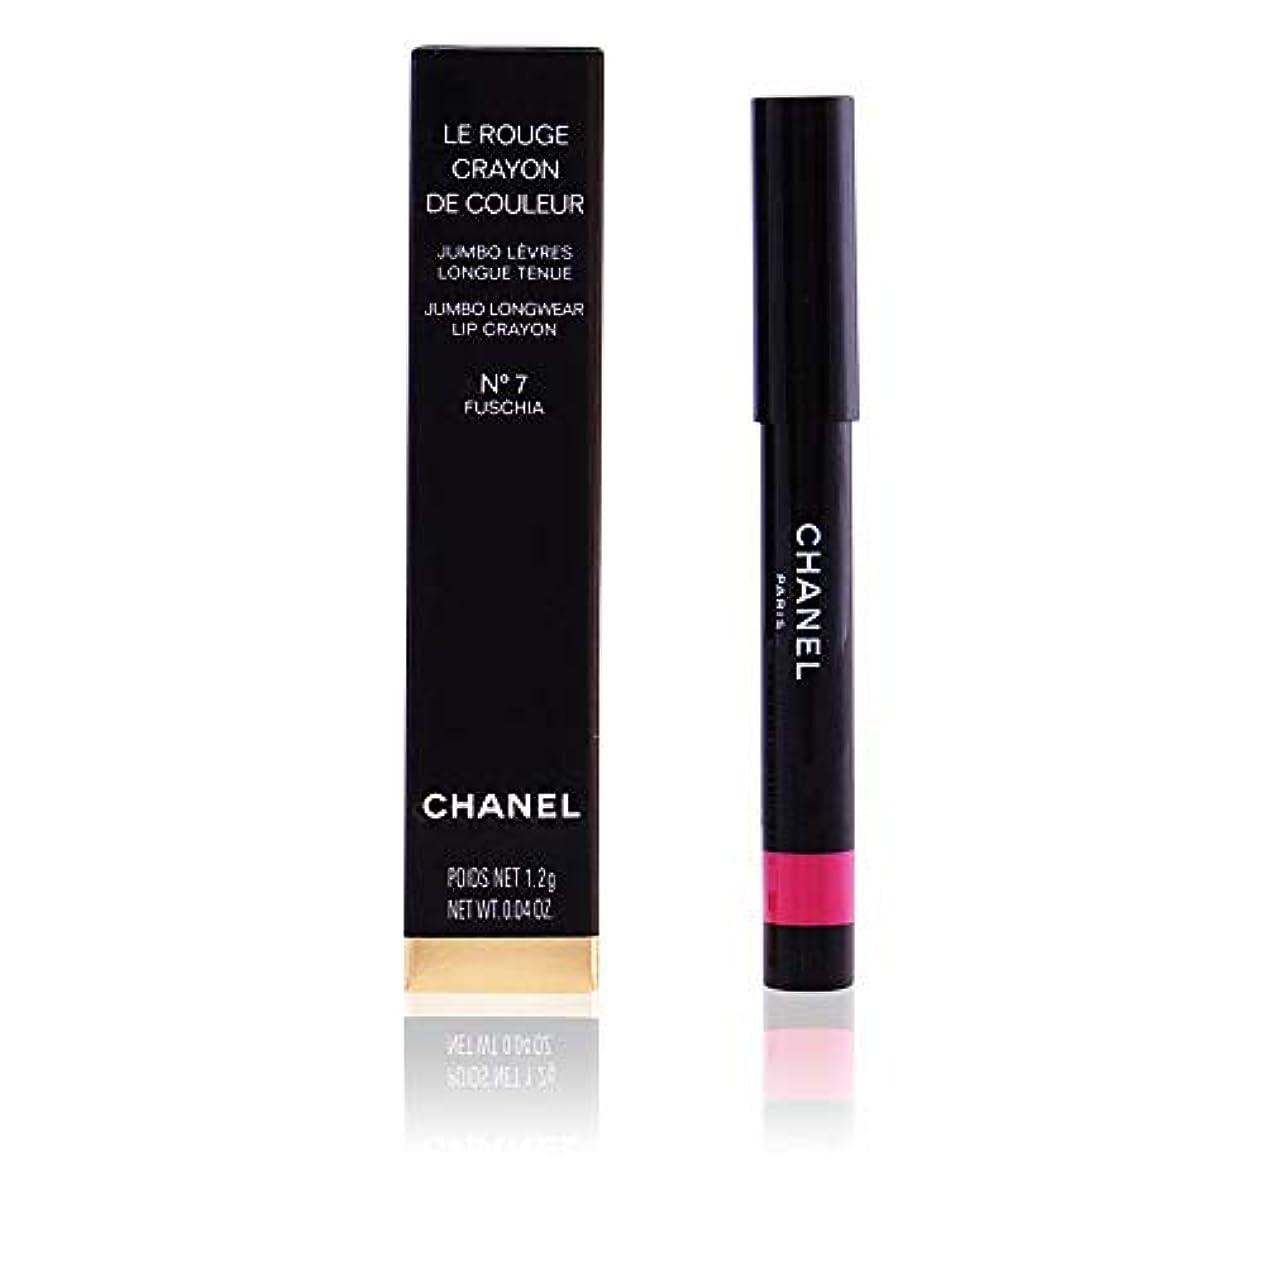 逆きれいに差別シャネル Le Rouge Crayon De Couleur Jumbo Longwear Lip Crayon - # 2 Rose Violine 1.2g/0.04oz並行輸入品